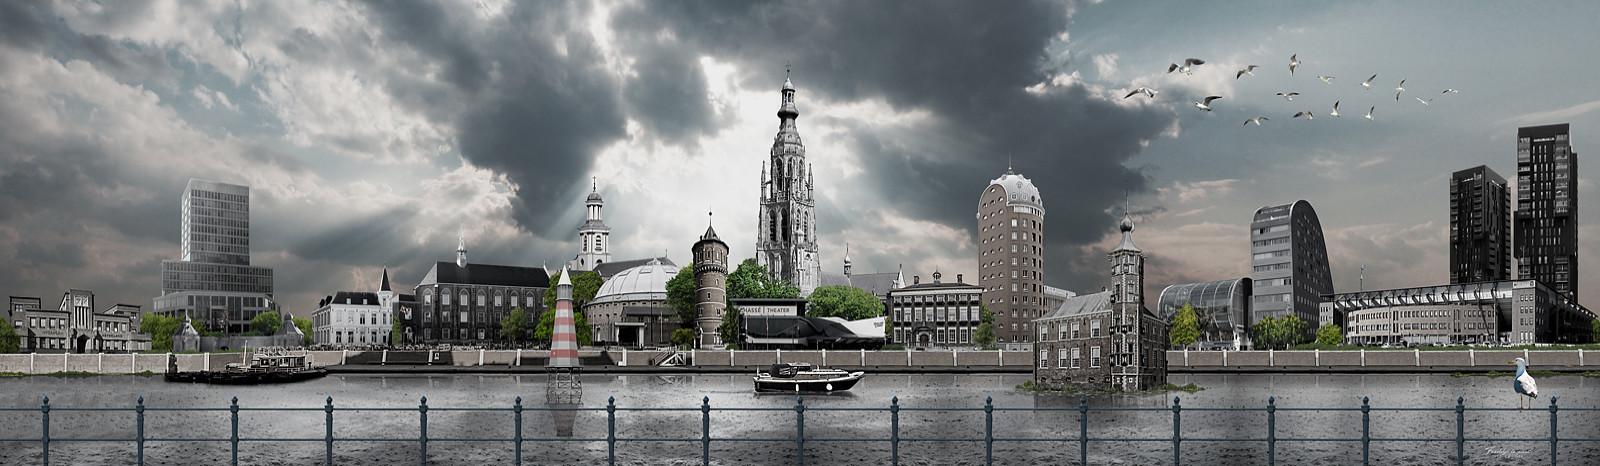 Skyline Breda Urban